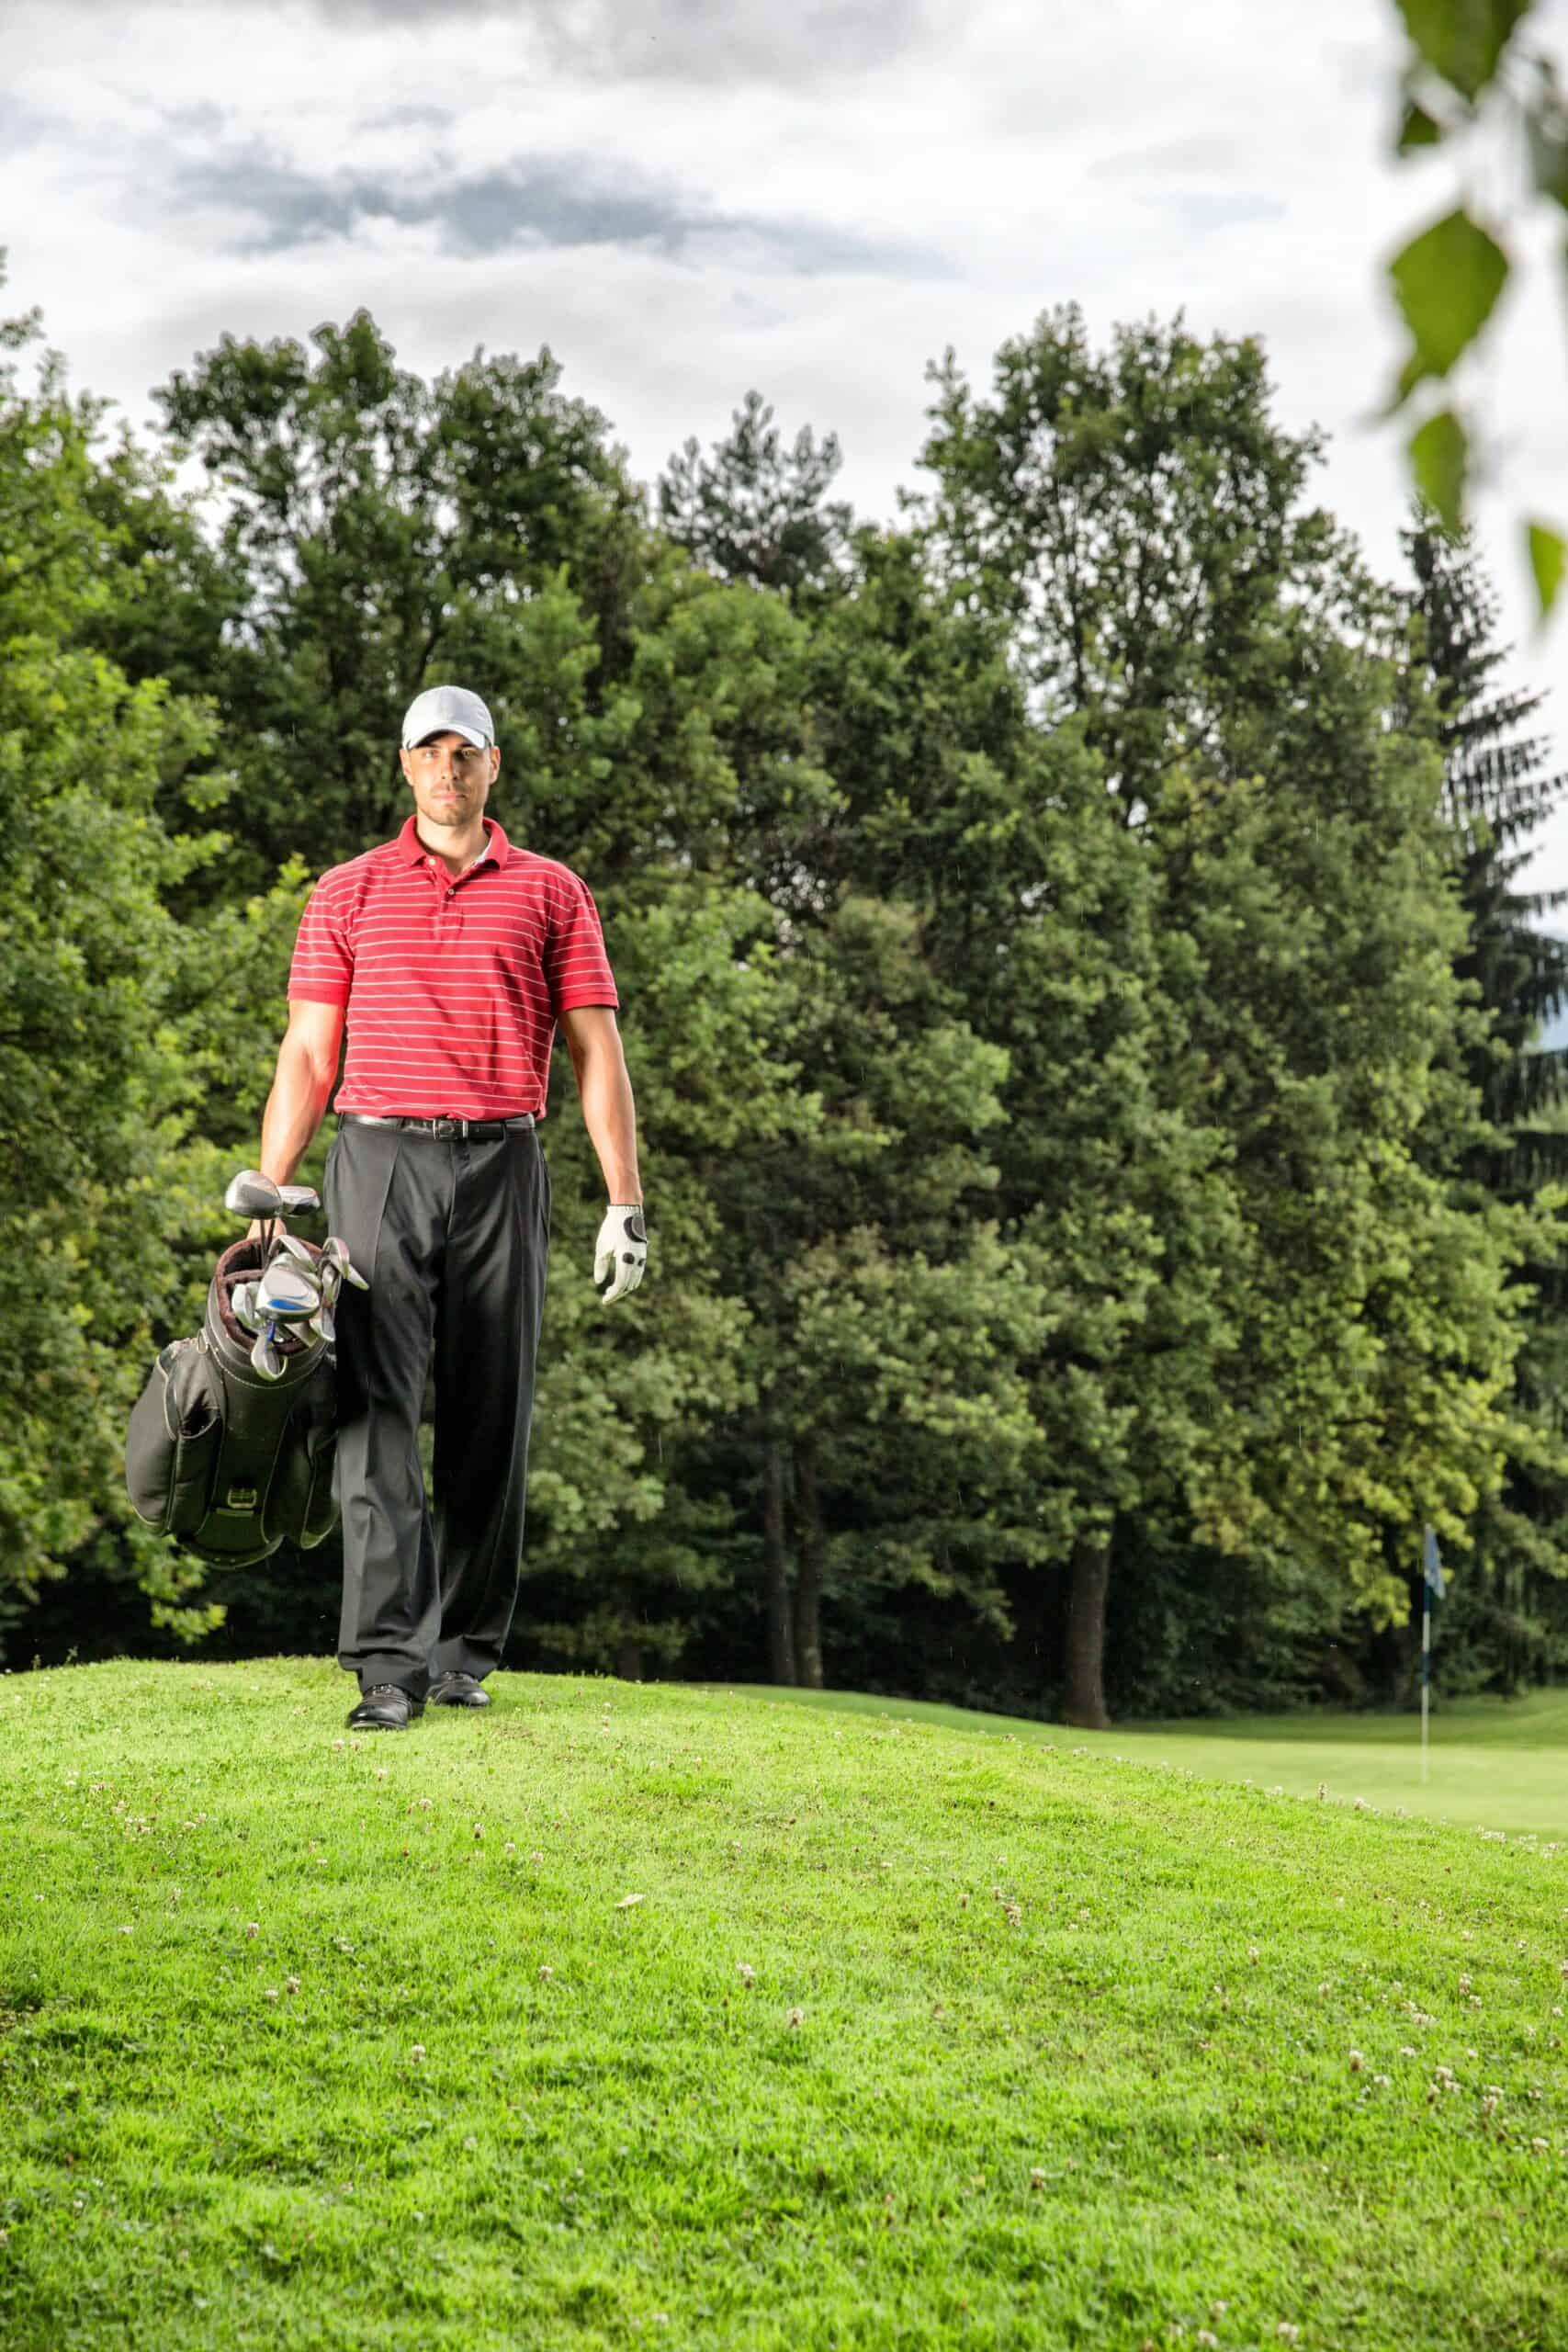 Digital Marketing For Golf Clubs